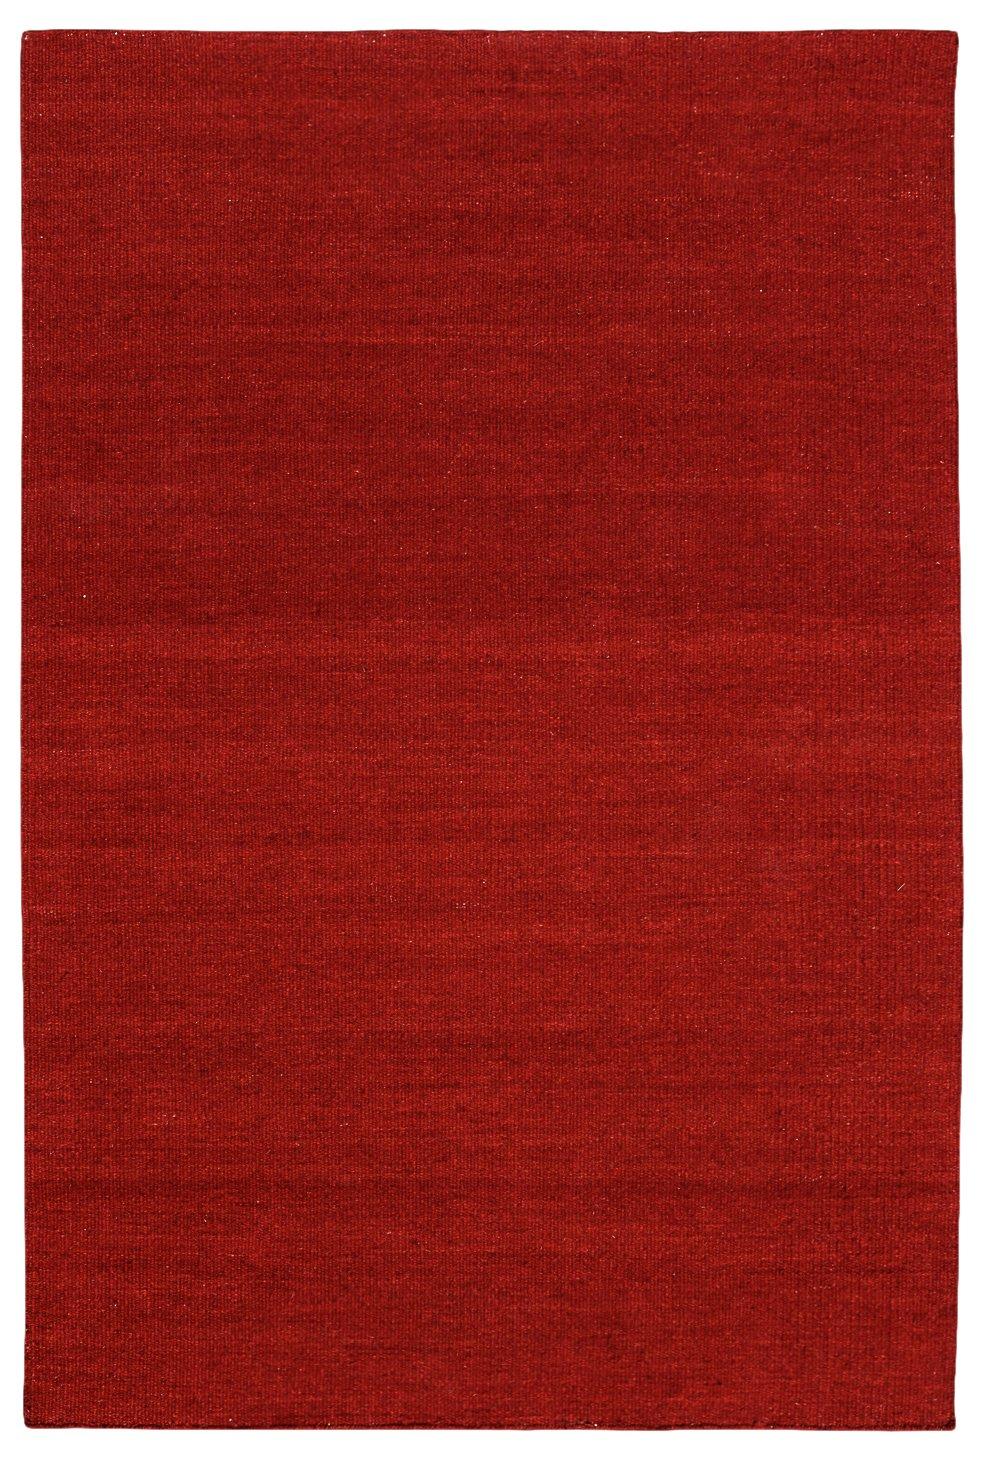 Morgenland Kelim Teppich FANCY 180 x 120 cm Rot Dunkelrot Einfarbig Uni Kurzflor Handgewebt 100% Schurwolle Webteppich Kinderteppich Beidseitig verwendbar Für Wohnzimmer Kinderzimmer Bad Flur Indoor Outdoor - In 11 versch. Farben, Viele Größen